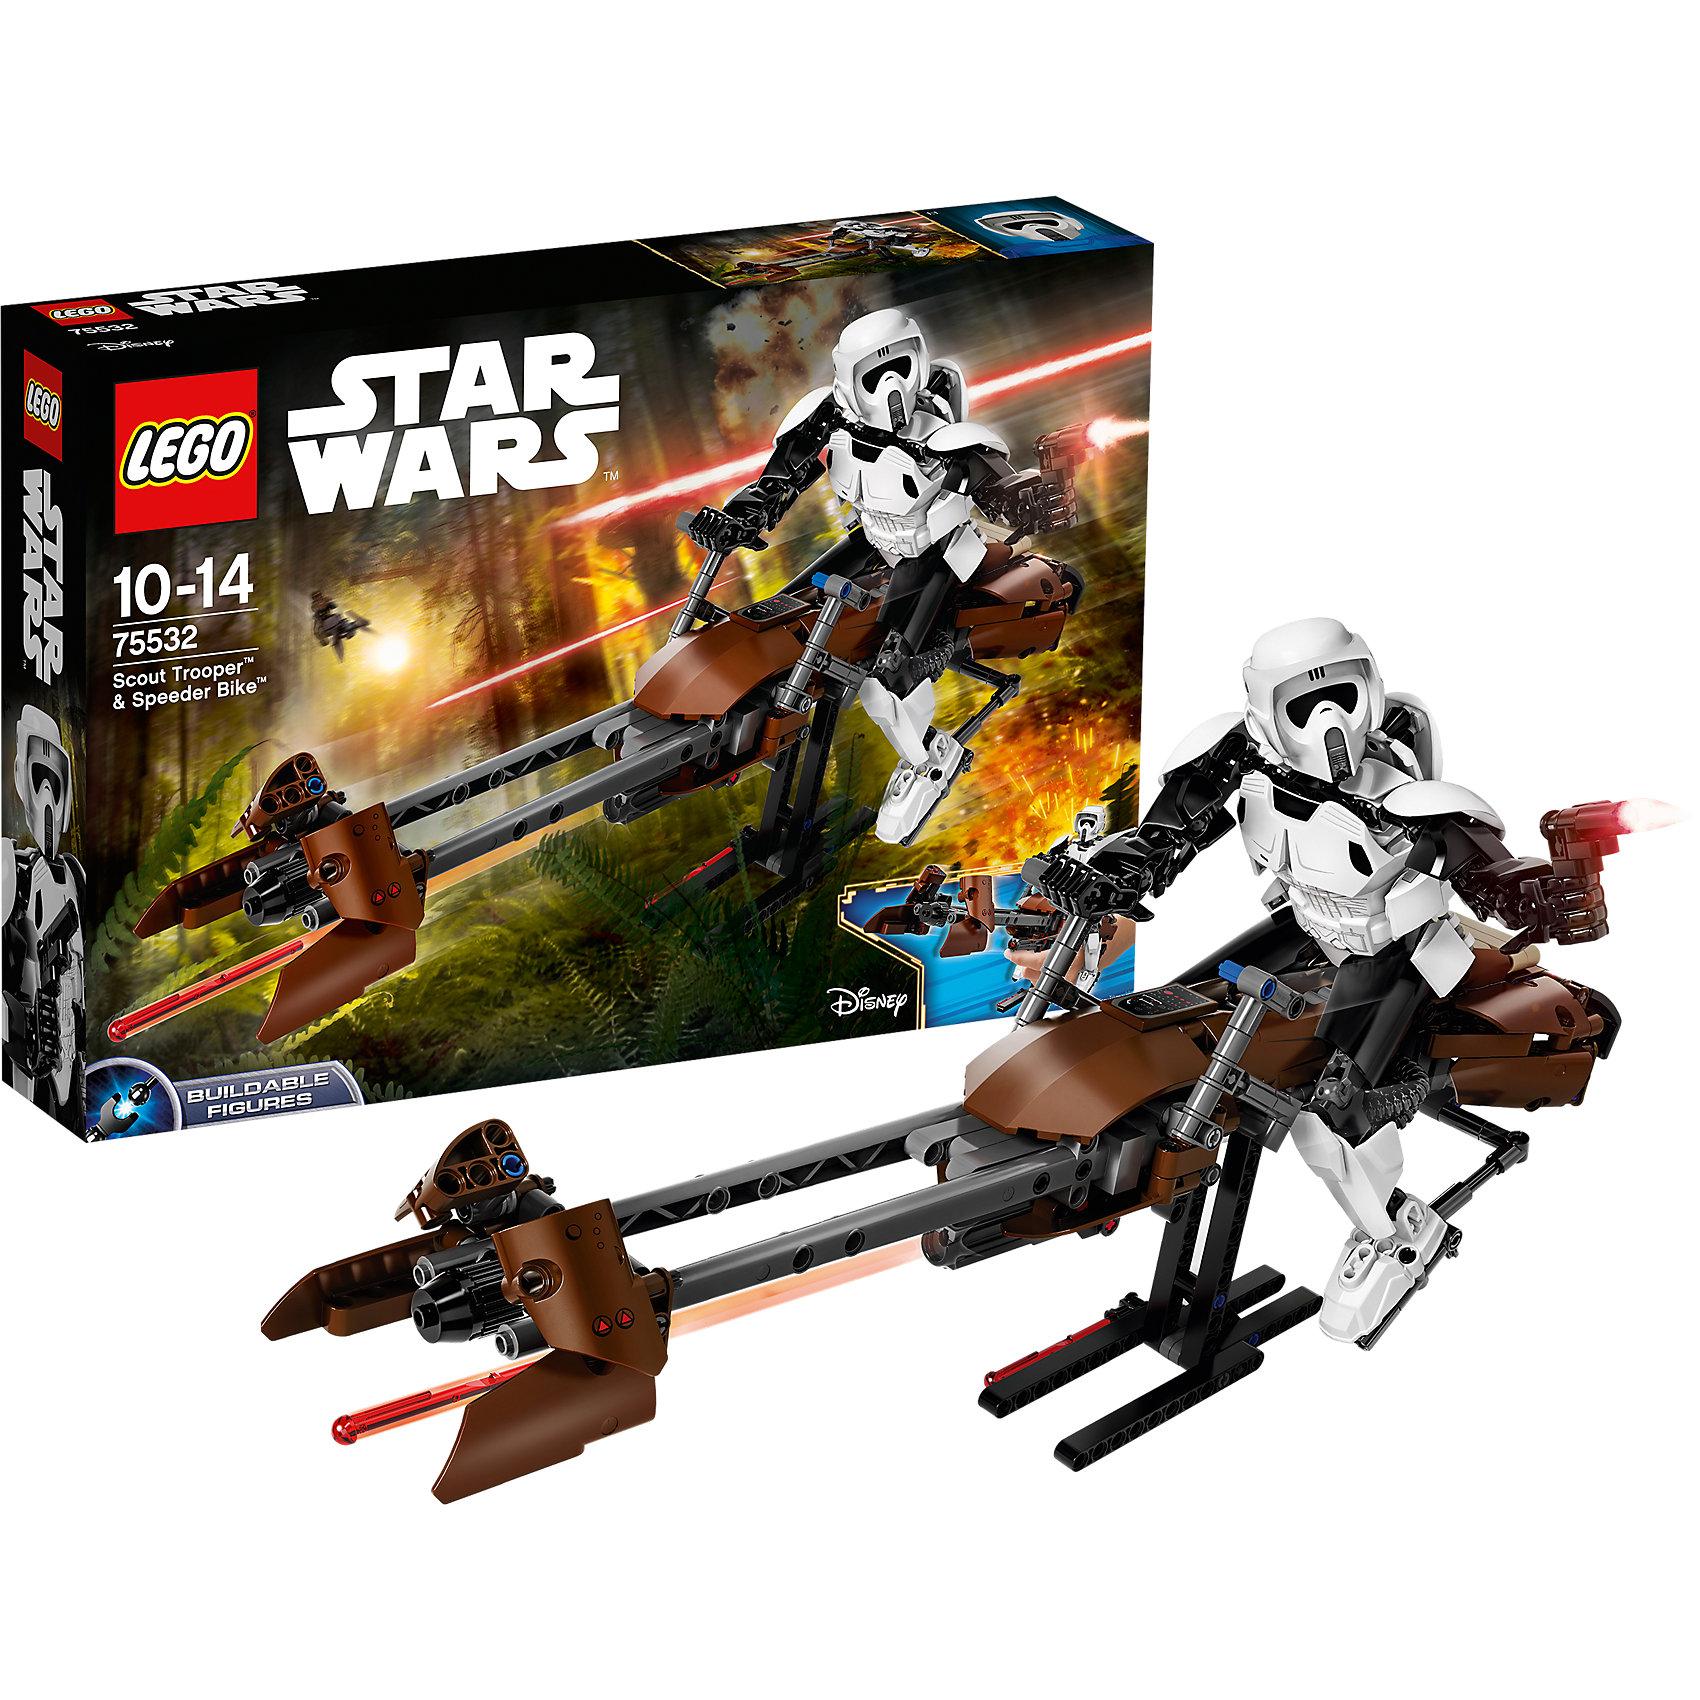 Конструктор Lego Star Wars 75532: Штурмовик-разведчик на спидереПластмассовые конструкторы<br>Характеристики товара:<br><br>• возраст: от 10 лет;<br>• материал: пластик;<br>• в комплекте: 452 детали;<br>• размер упаковки: 26,2х38,2х7,1 см;<br>• вес упаковки: 795 гр.;<br>• страна производитель: Китай.<br><br>Конструктор Lego Star Wars «Штурмовик-разведчик на спидере» создан по мотивам известной космической саги «Звездные войны». Из элементов конструктора предстоит собрать фигурку штурмовика и его летательное средство спидер. В руках штурмовика пистолет. У собранной фигурки имеются подвижные детали: двигается голова, руки и ноги сгибаются. Спидер оснащен пушкой, которая стреляет снарядами.<br><br>Все детали выполнены из качественных безопасных материалов. В процессе сборки конструктора у детей развиваются мелкая моторика рук, усидчивость, логическое мышление.<br><br>Конструктор Lego Star Wars «Штурмовик-разведчик на спидере» можно приобрести в нашем интернет-магазине.<br><br>Ширина мм: 382<br>Глубина мм: 262<br>Высота мм: 71<br>Вес г: 765<br>Возраст от месяцев: 120<br>Возраст до месяцев: 2147483647<br>Пол: Мужской<br>Возраст: Детский<br>SKU: 5619969